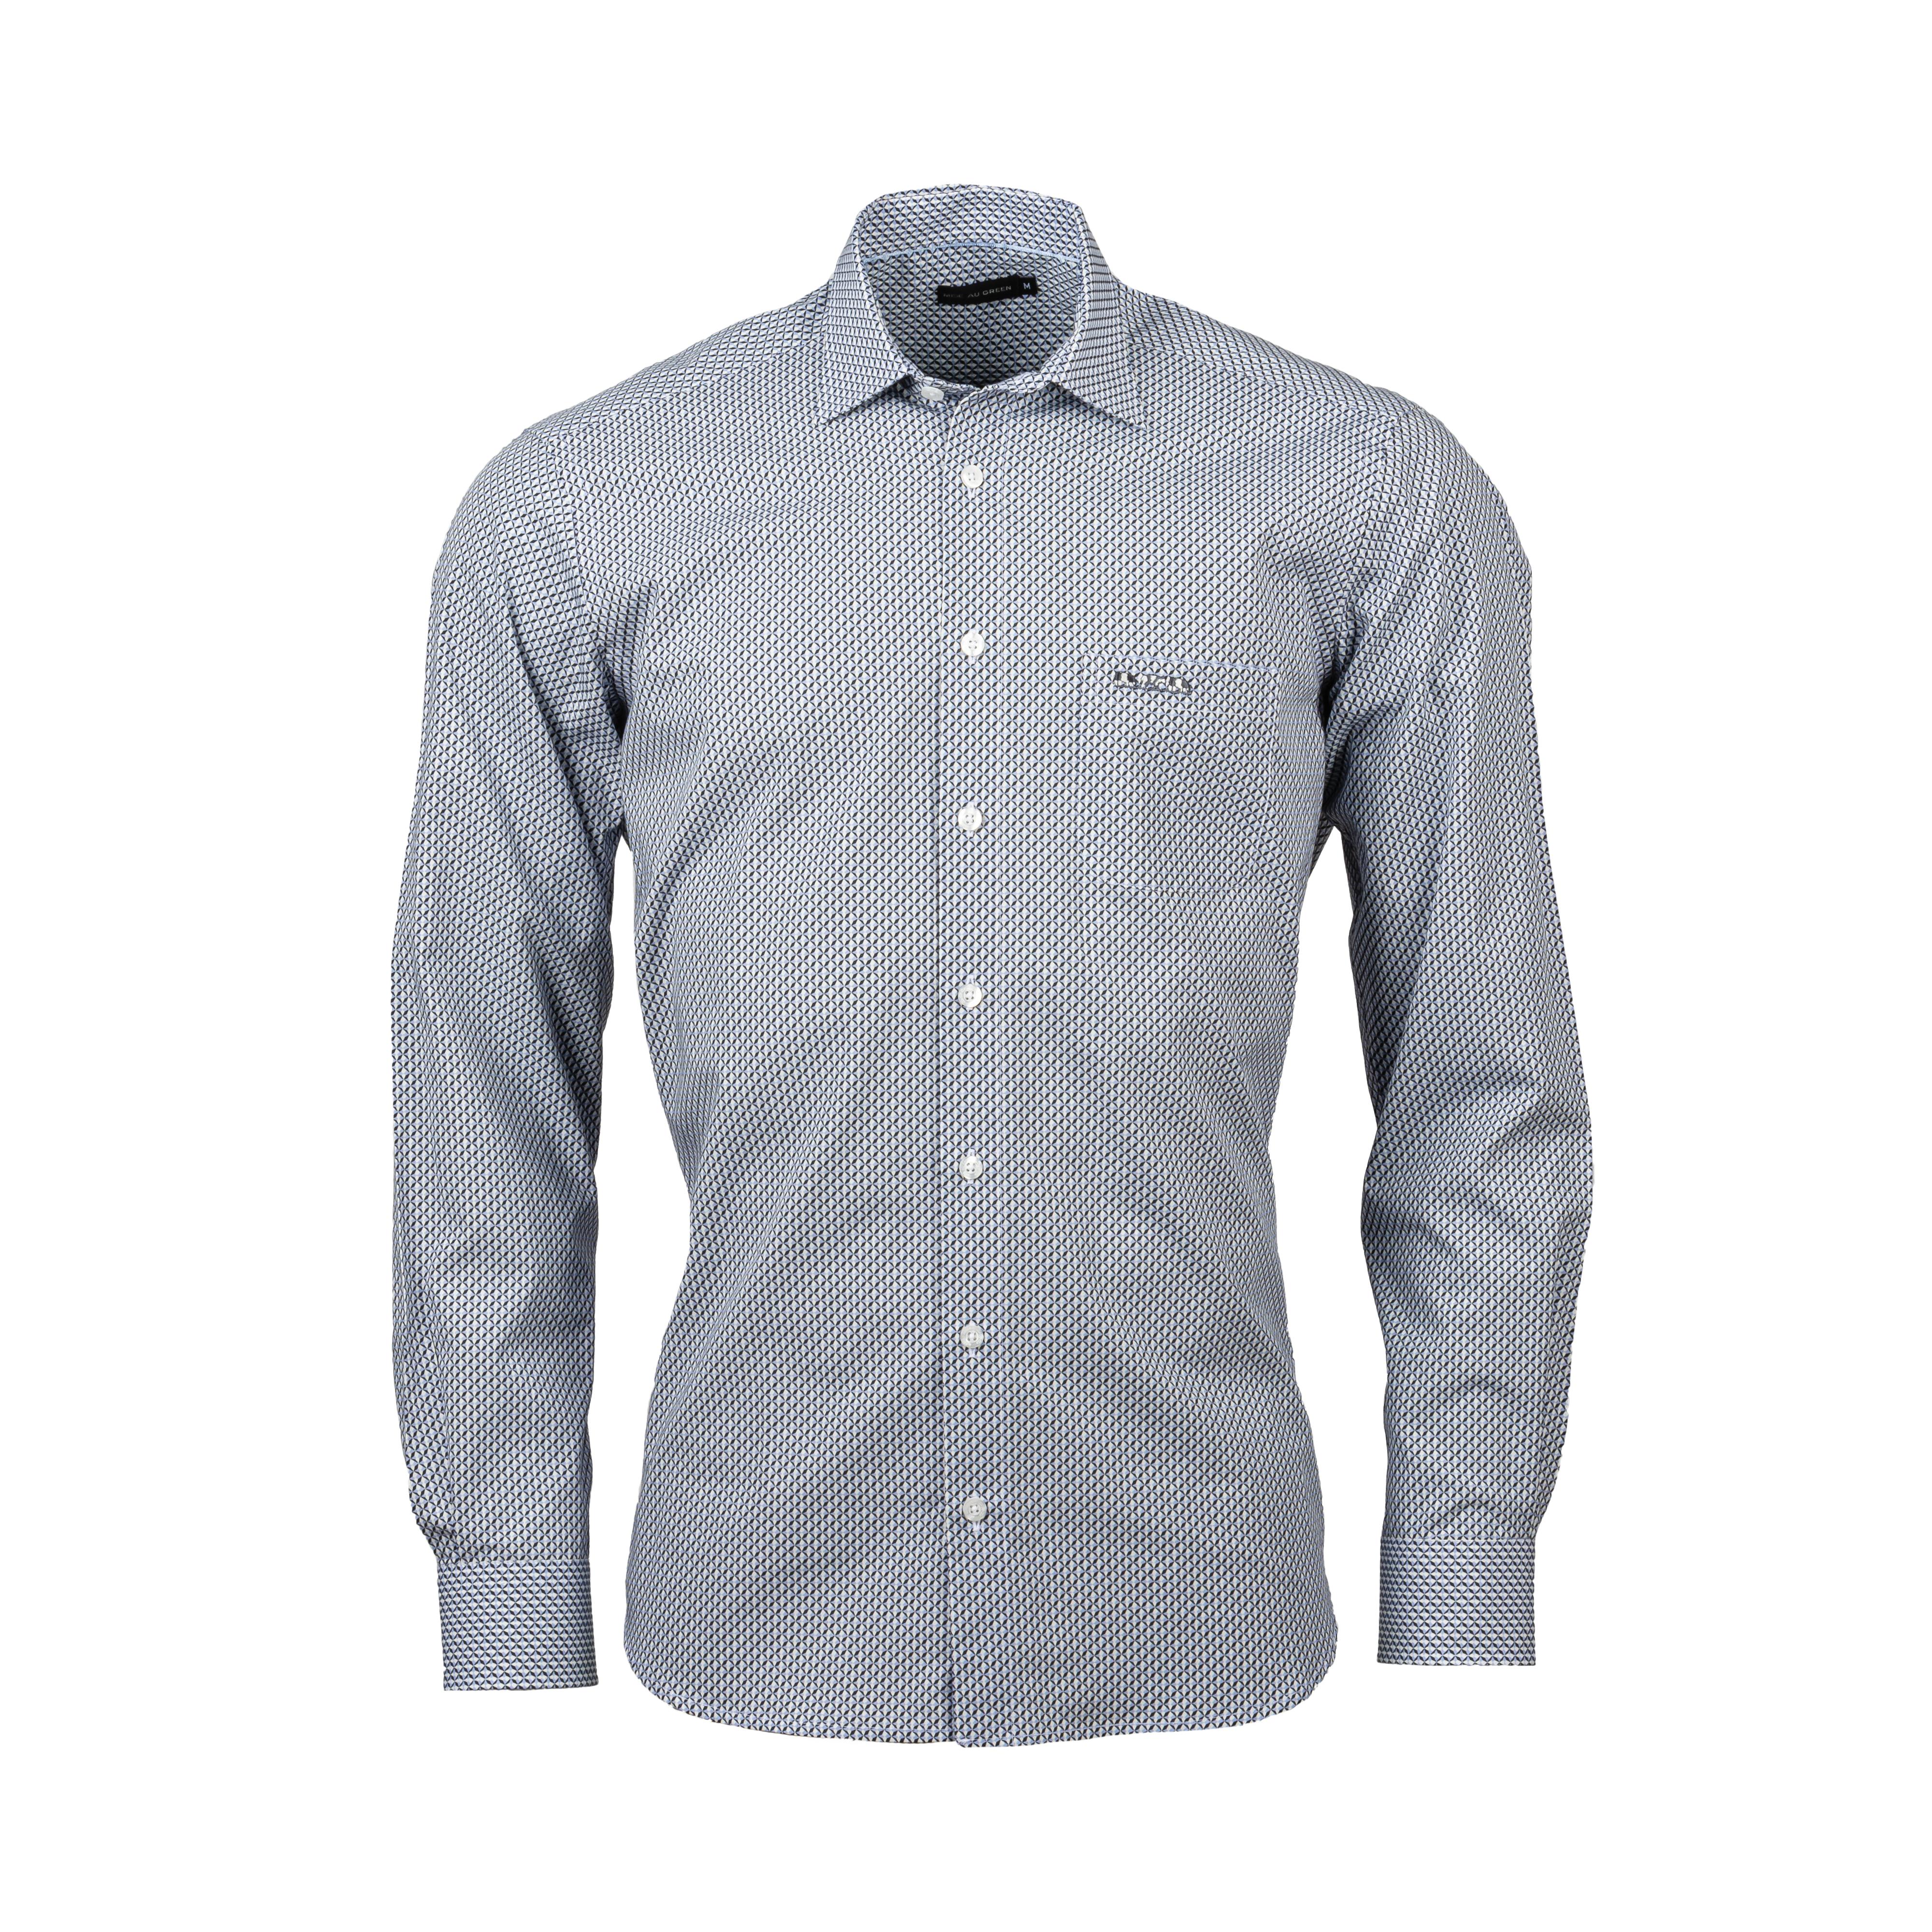 Chemise ajustée Mise au green en coton blanc à motifs graphiques bleu marine et bleu ciel